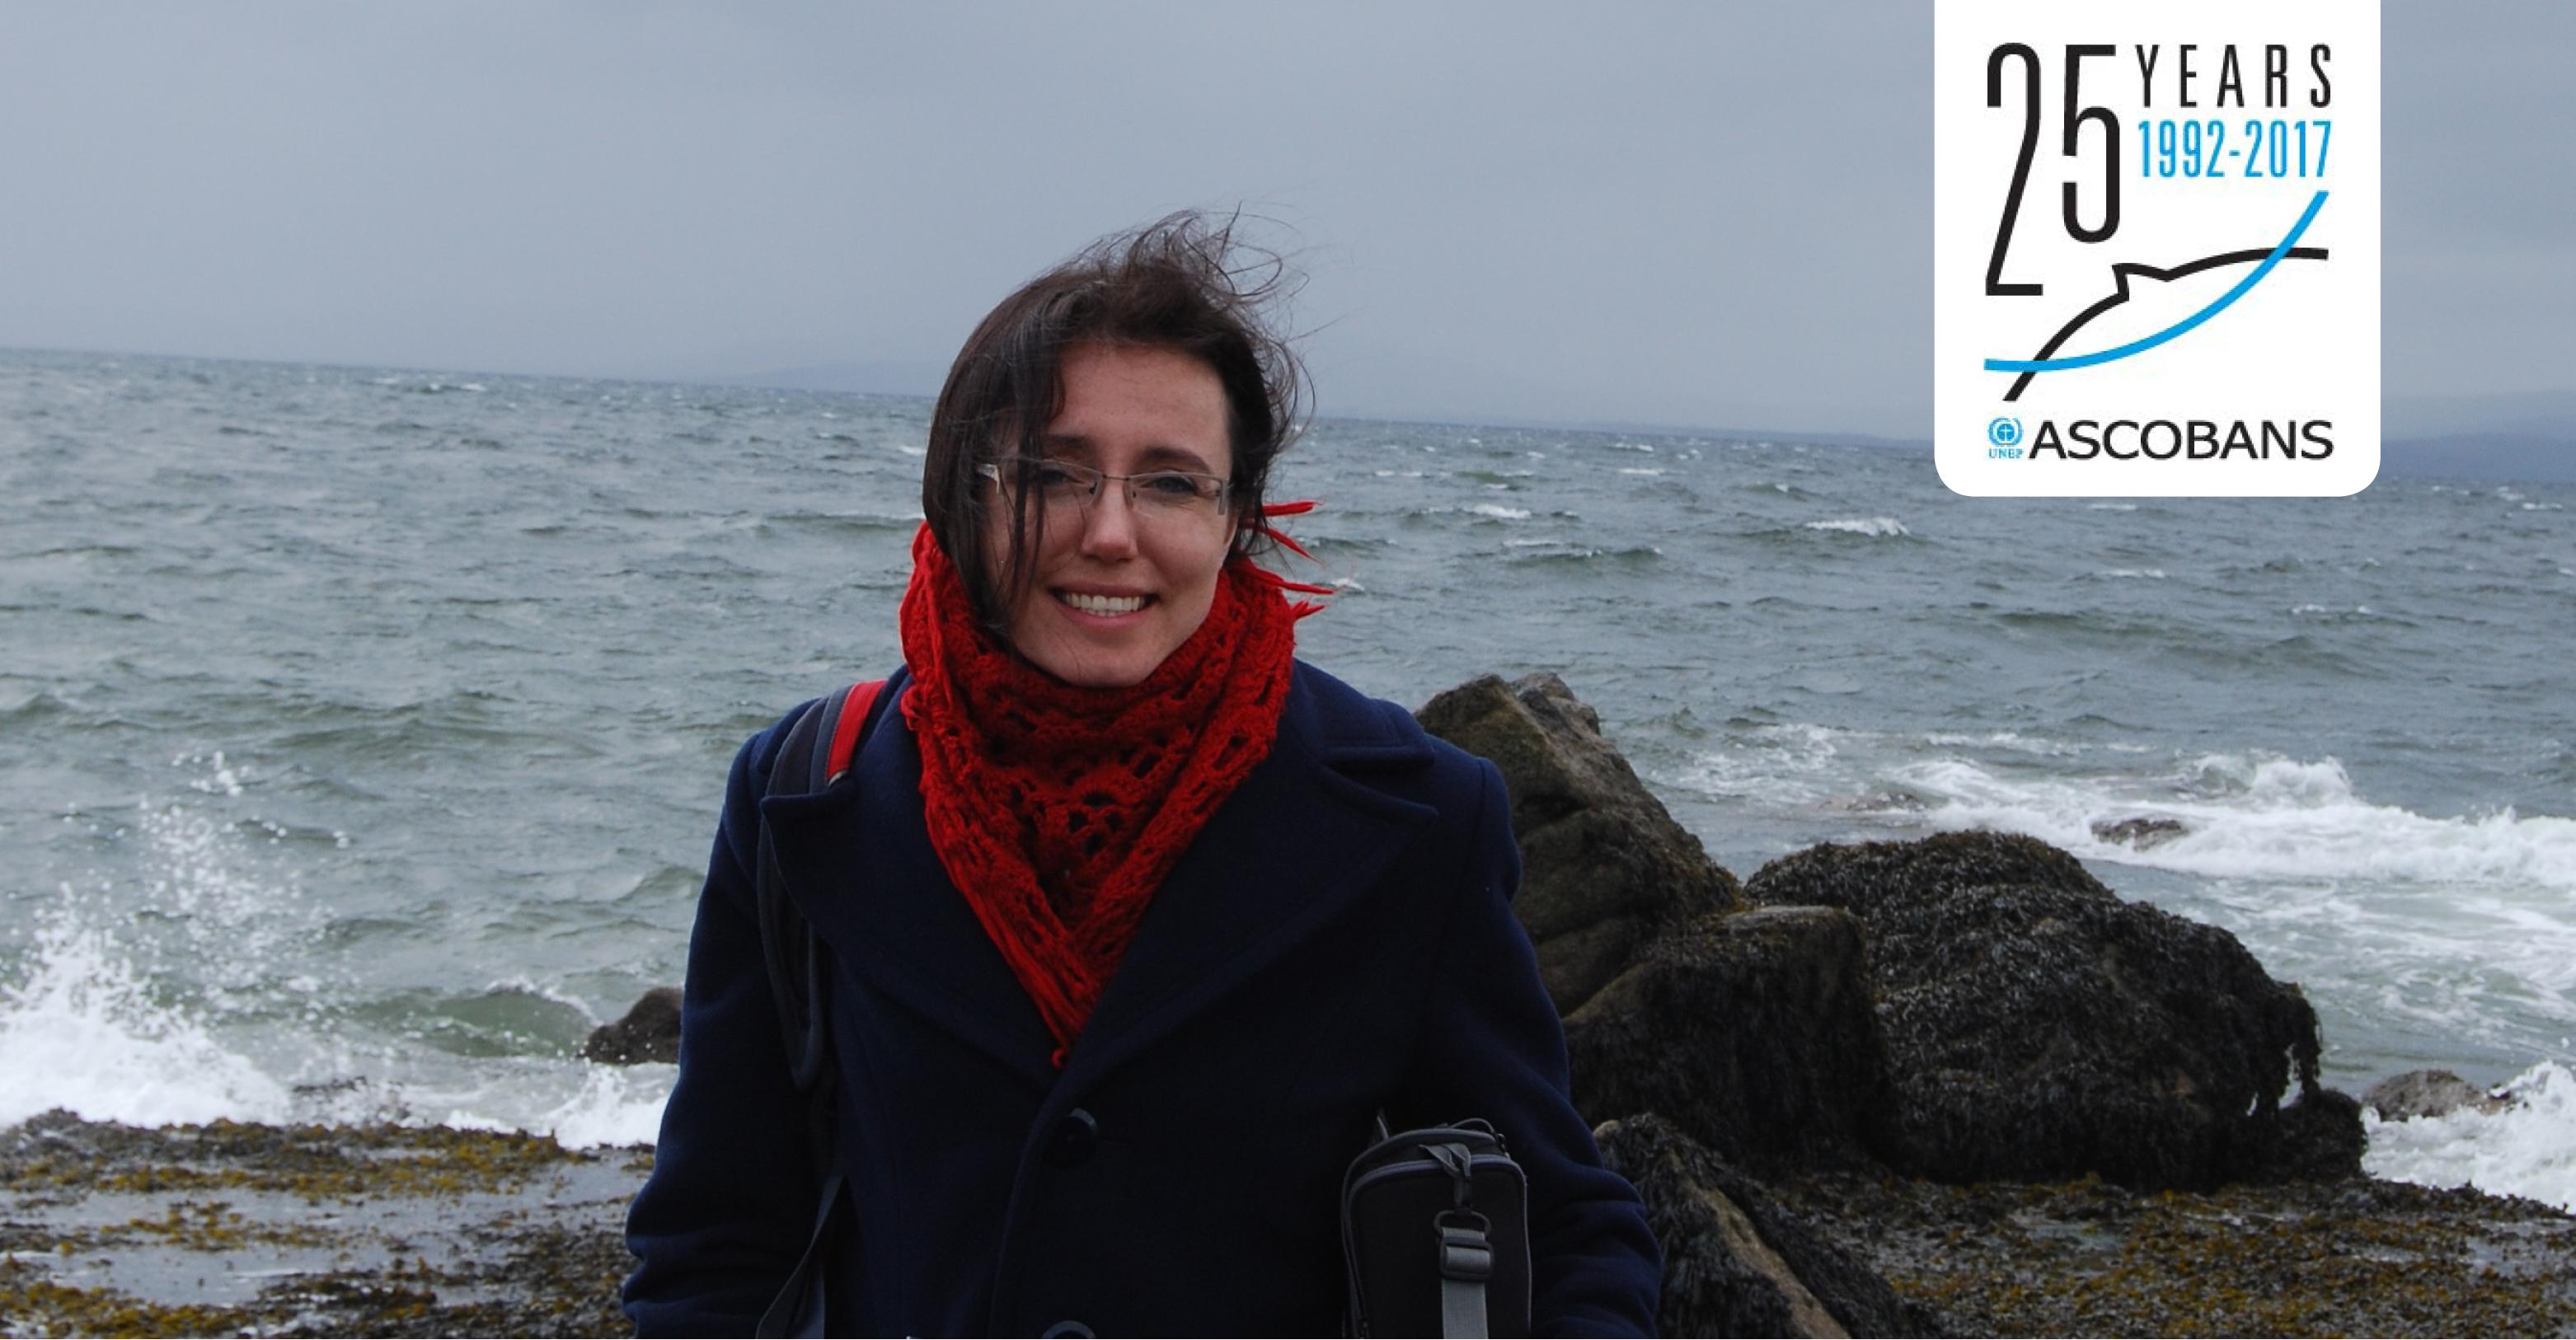 Katarzyna Kamińska, Ministry of Maritime Economy and Inland Waterways, Poland